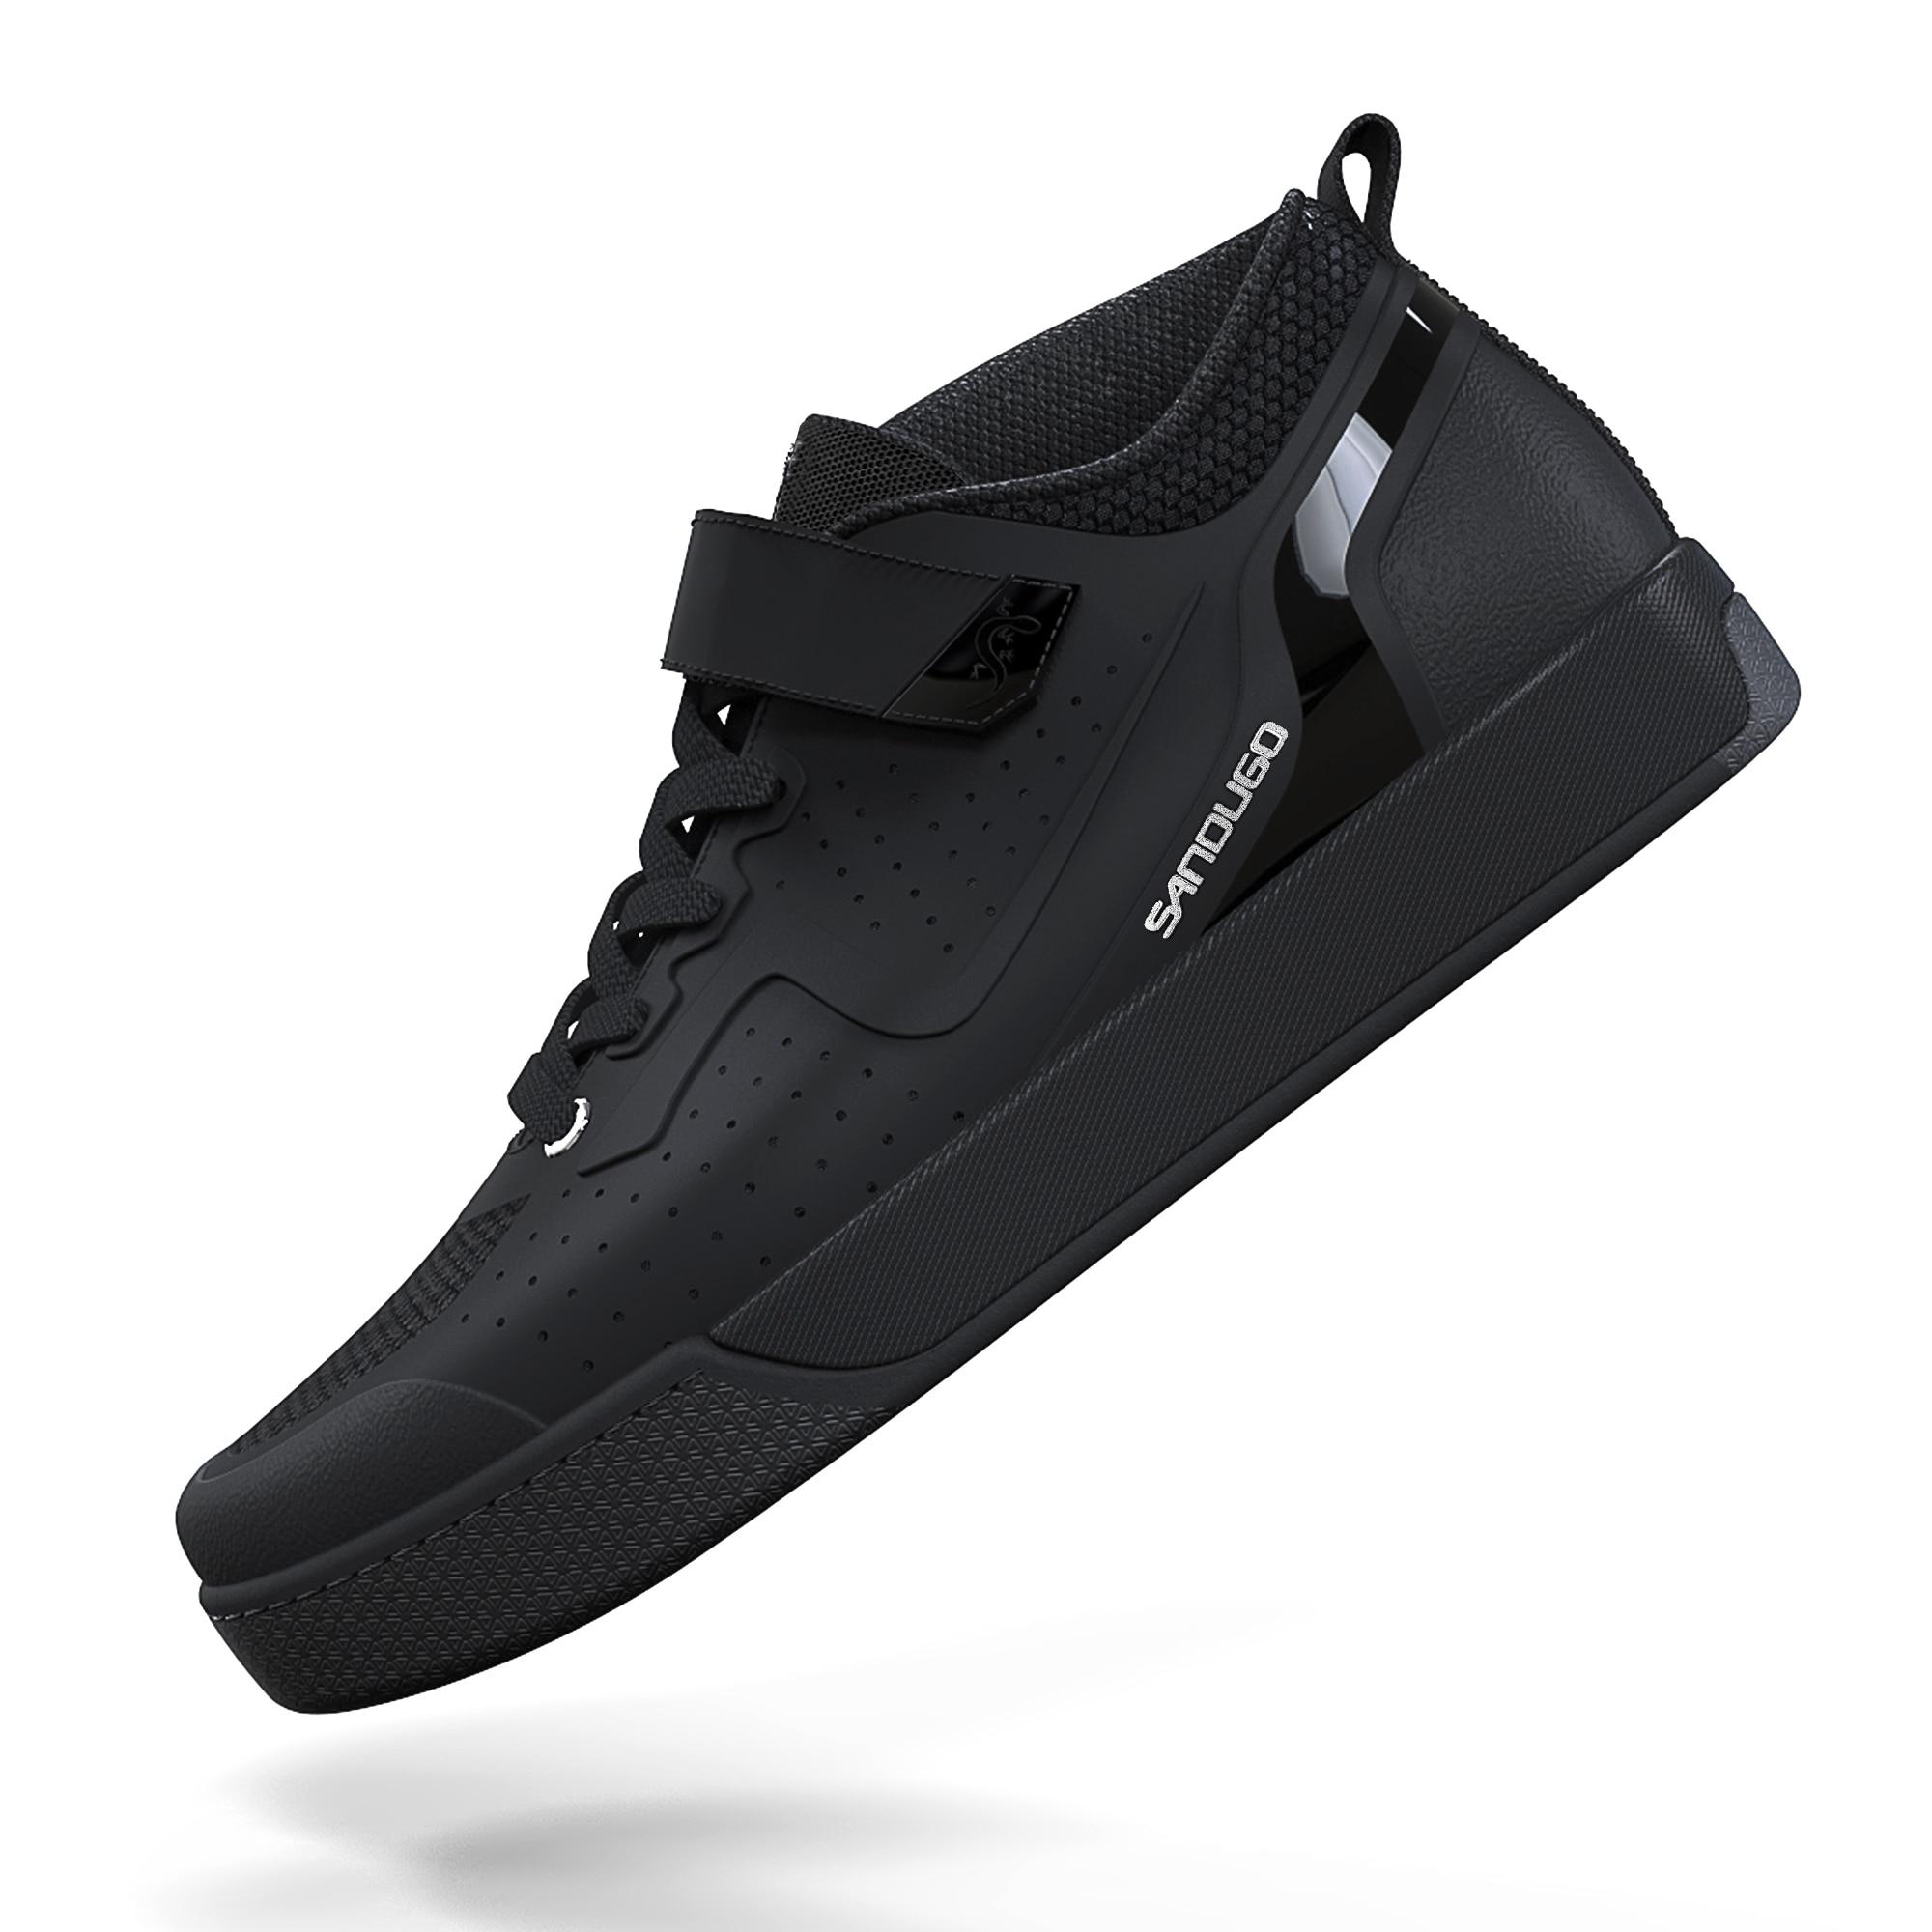 Для мужчин's на горных велосипедах обувь Плоские Педали MTB SPD горные Enduro обувь, совместимый со всеми 2-болт и Плоские Педали